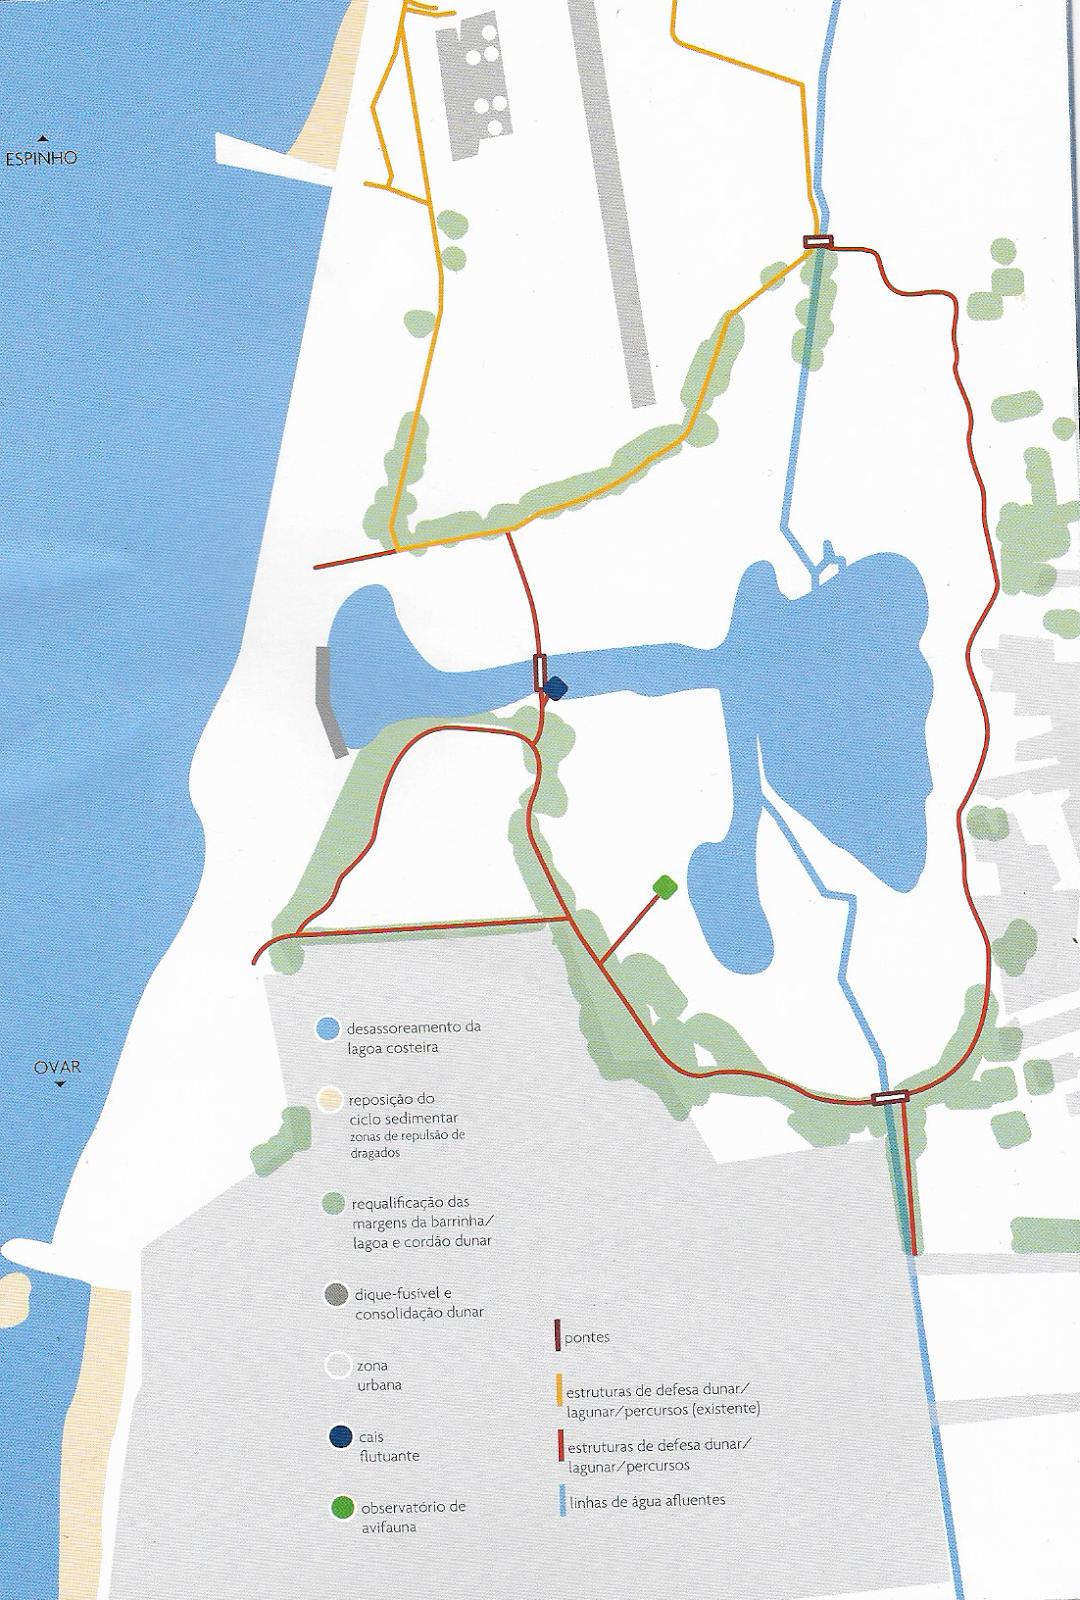 esmoriz mapa As cusquices de Esmoriz: Derradeiras novidades do Projecto da Barrinha esmoriz mapa